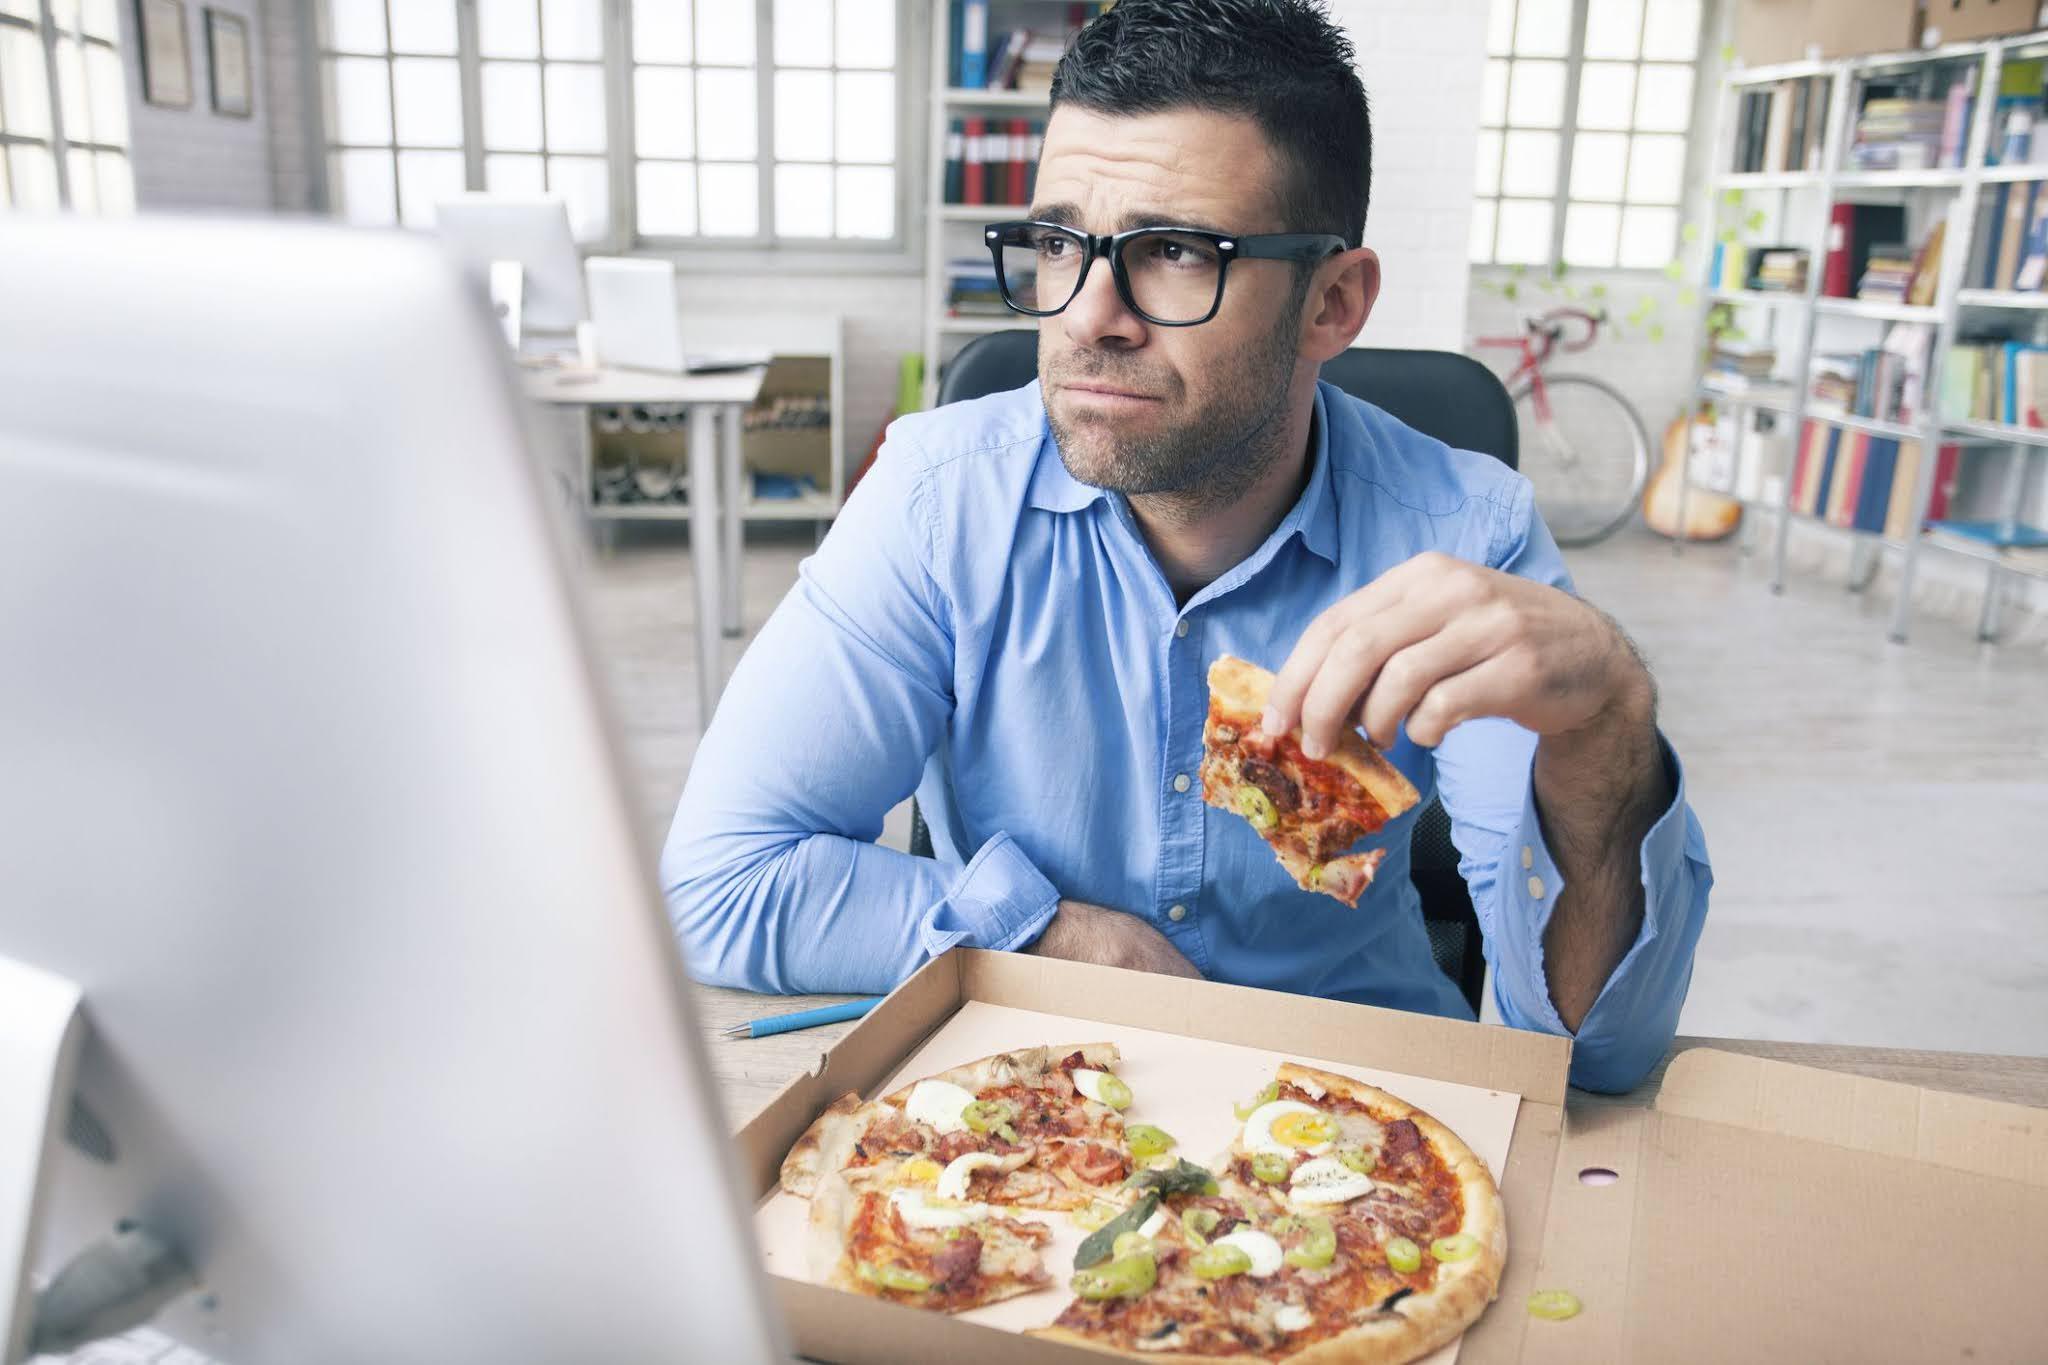 pemuda kerja sambil makan